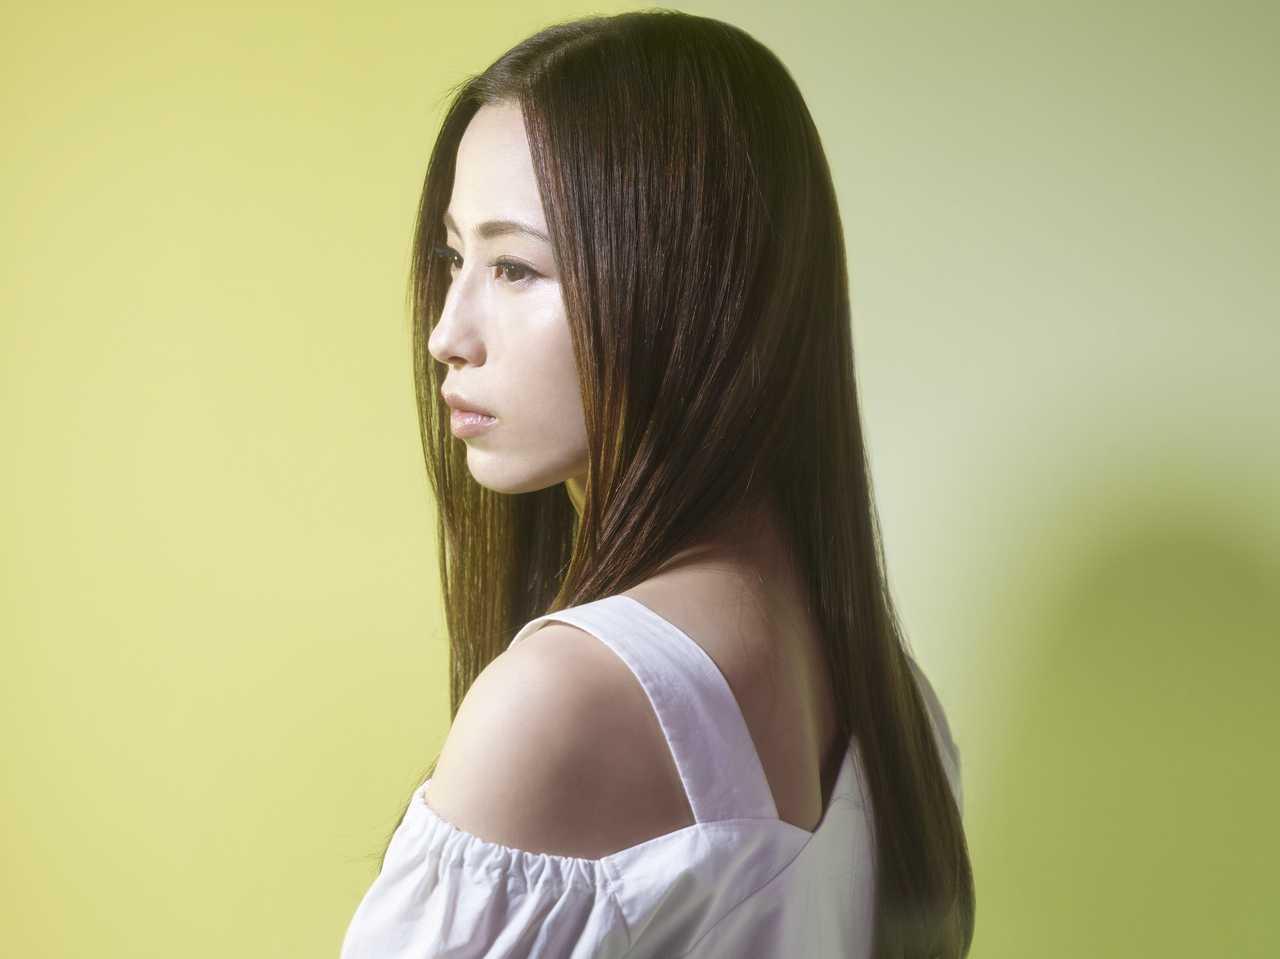 Uru 映画主題歌「ファーストラヴ」北川景子 初出演となるミュージックビデオが解禁!